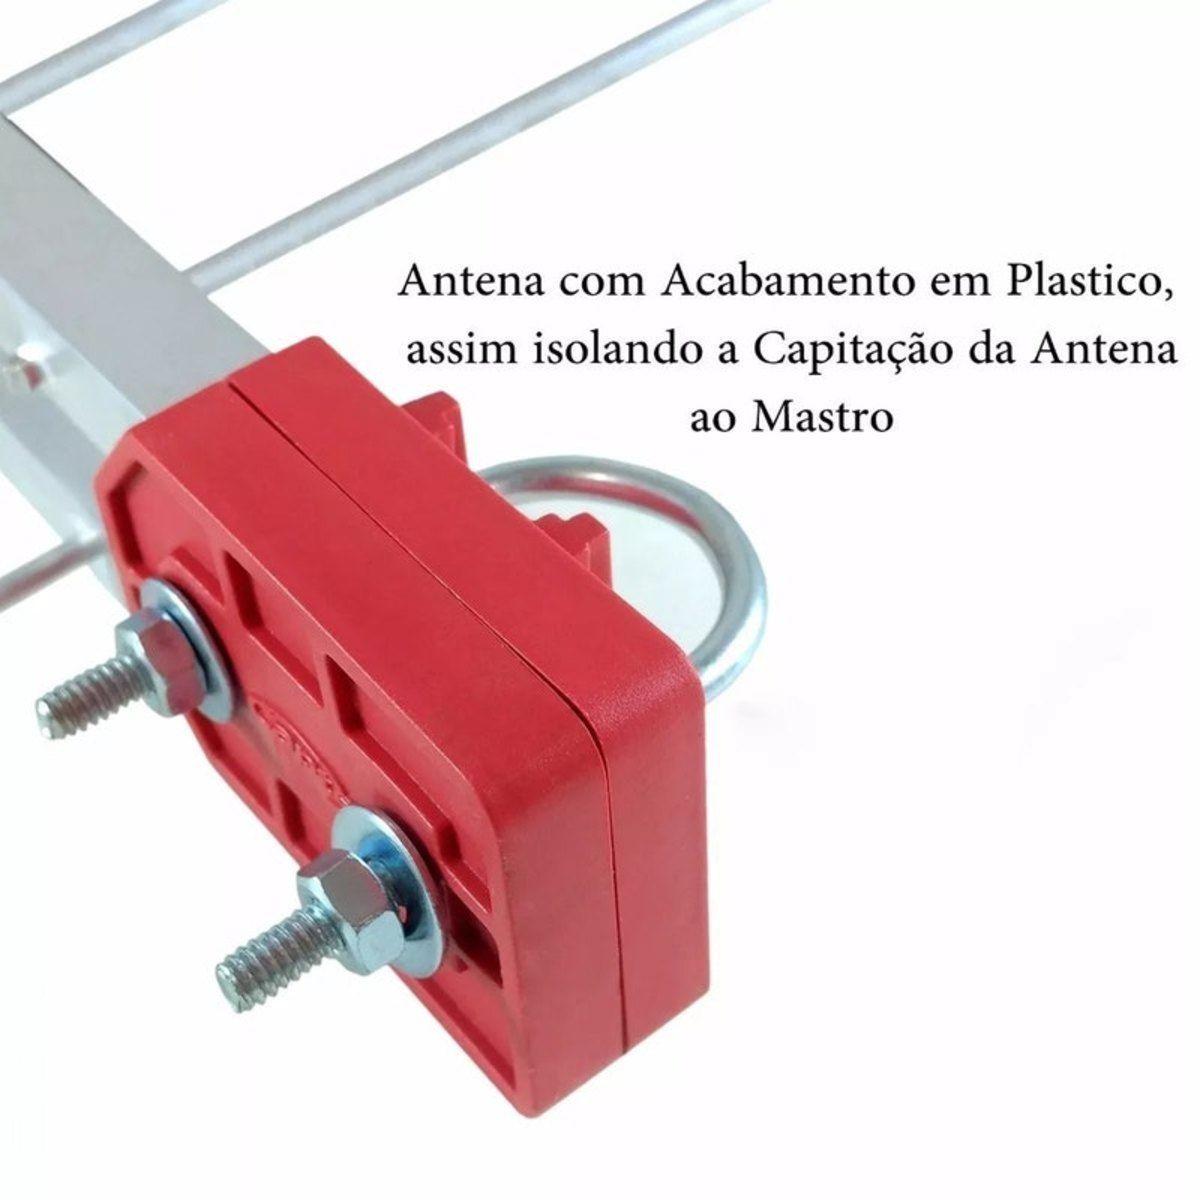 Antena log 20 com cabo de 20 mts e mastro 45 cm